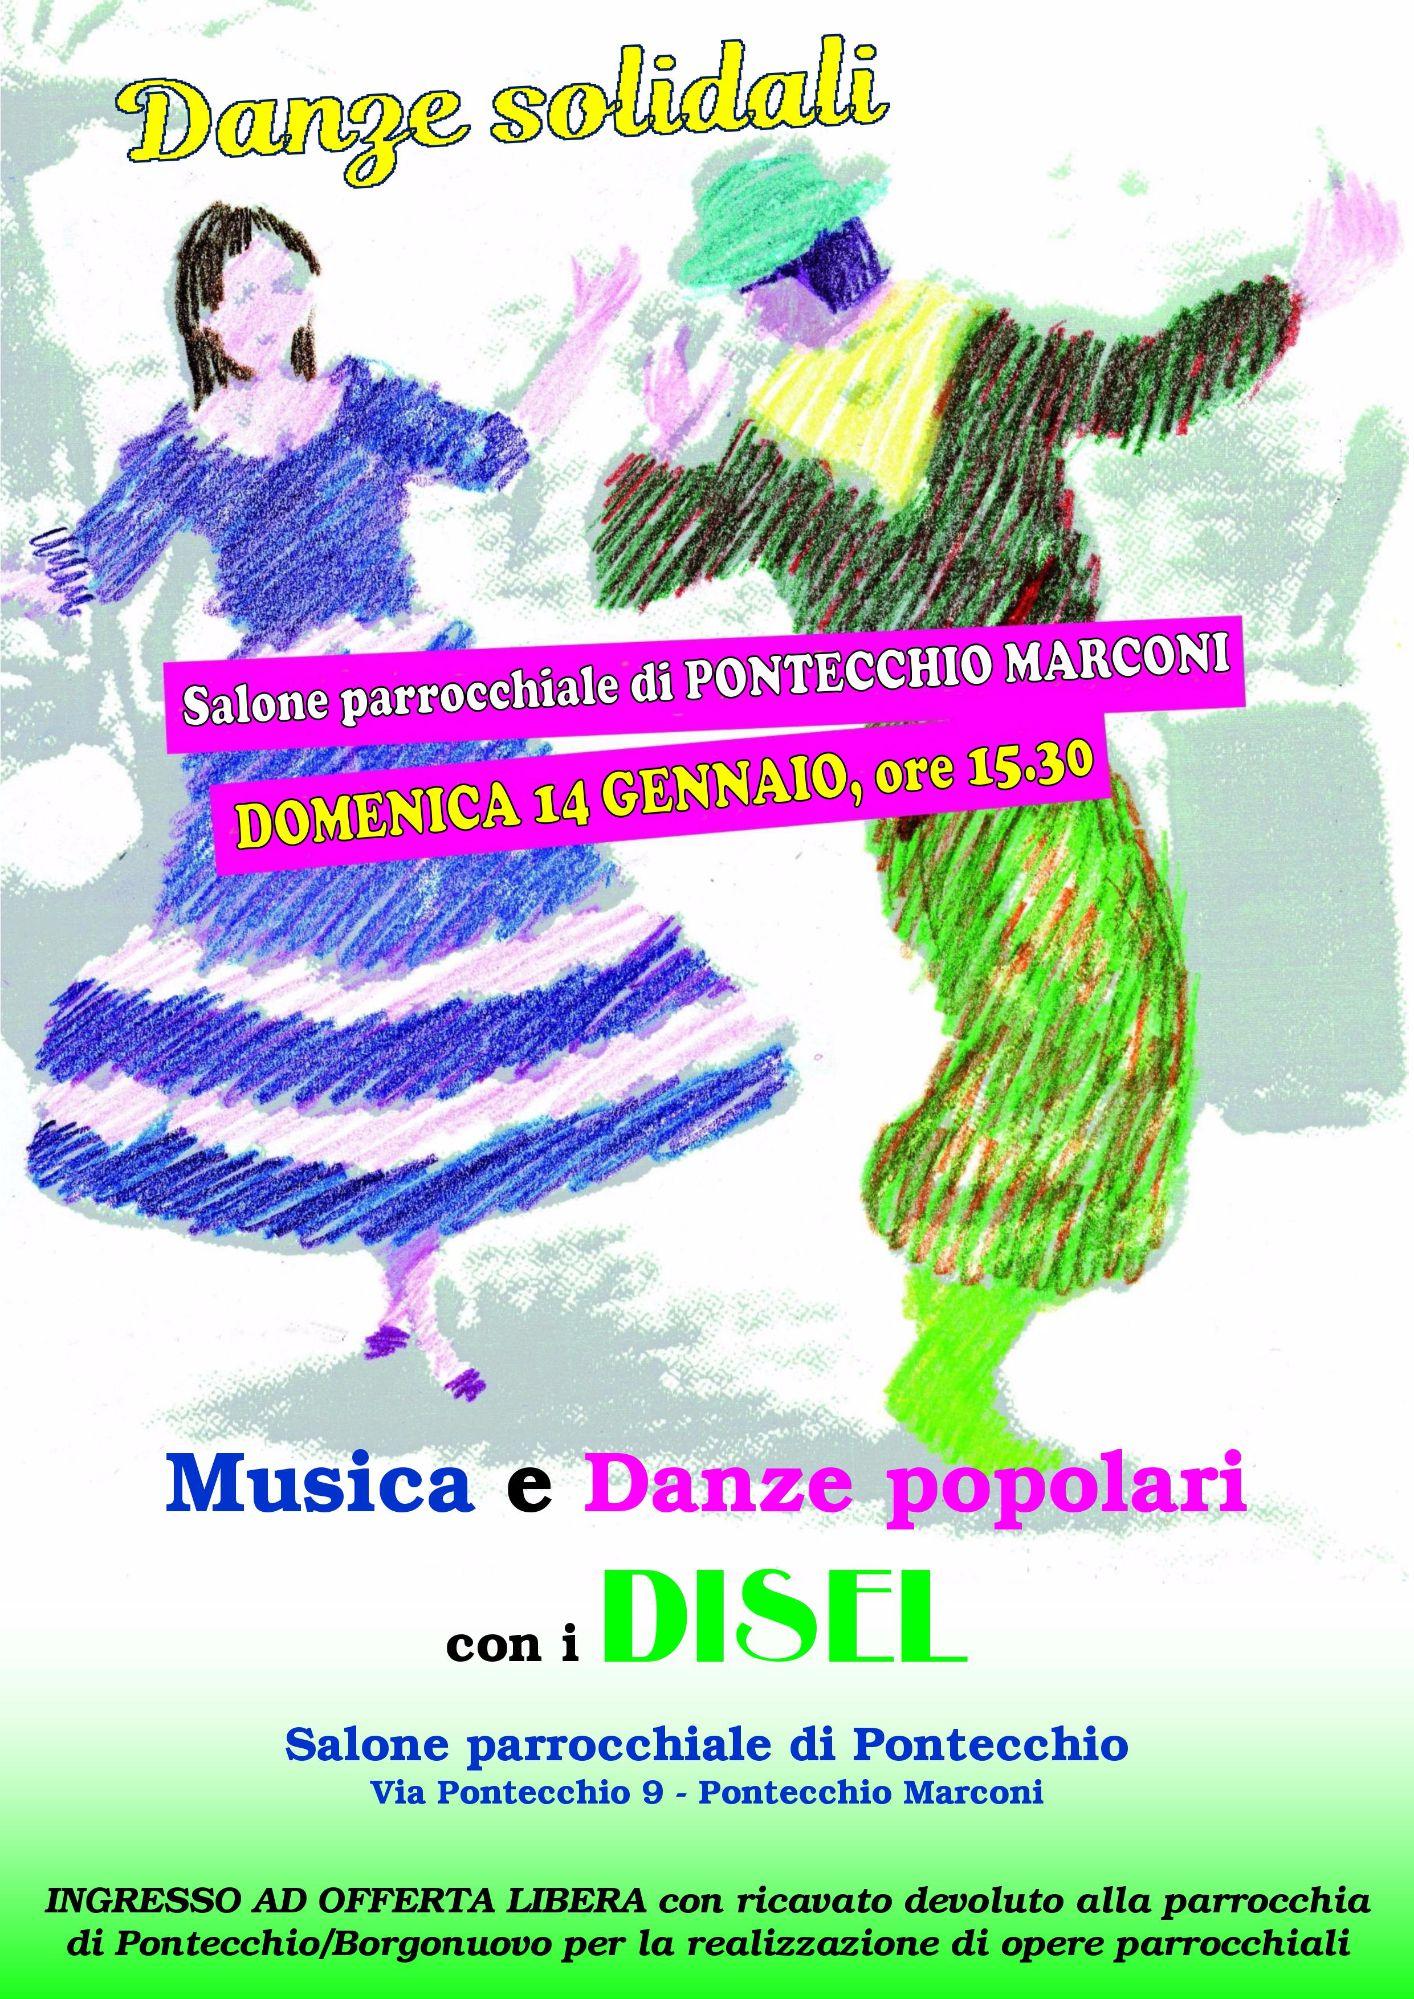 Danze Solidali